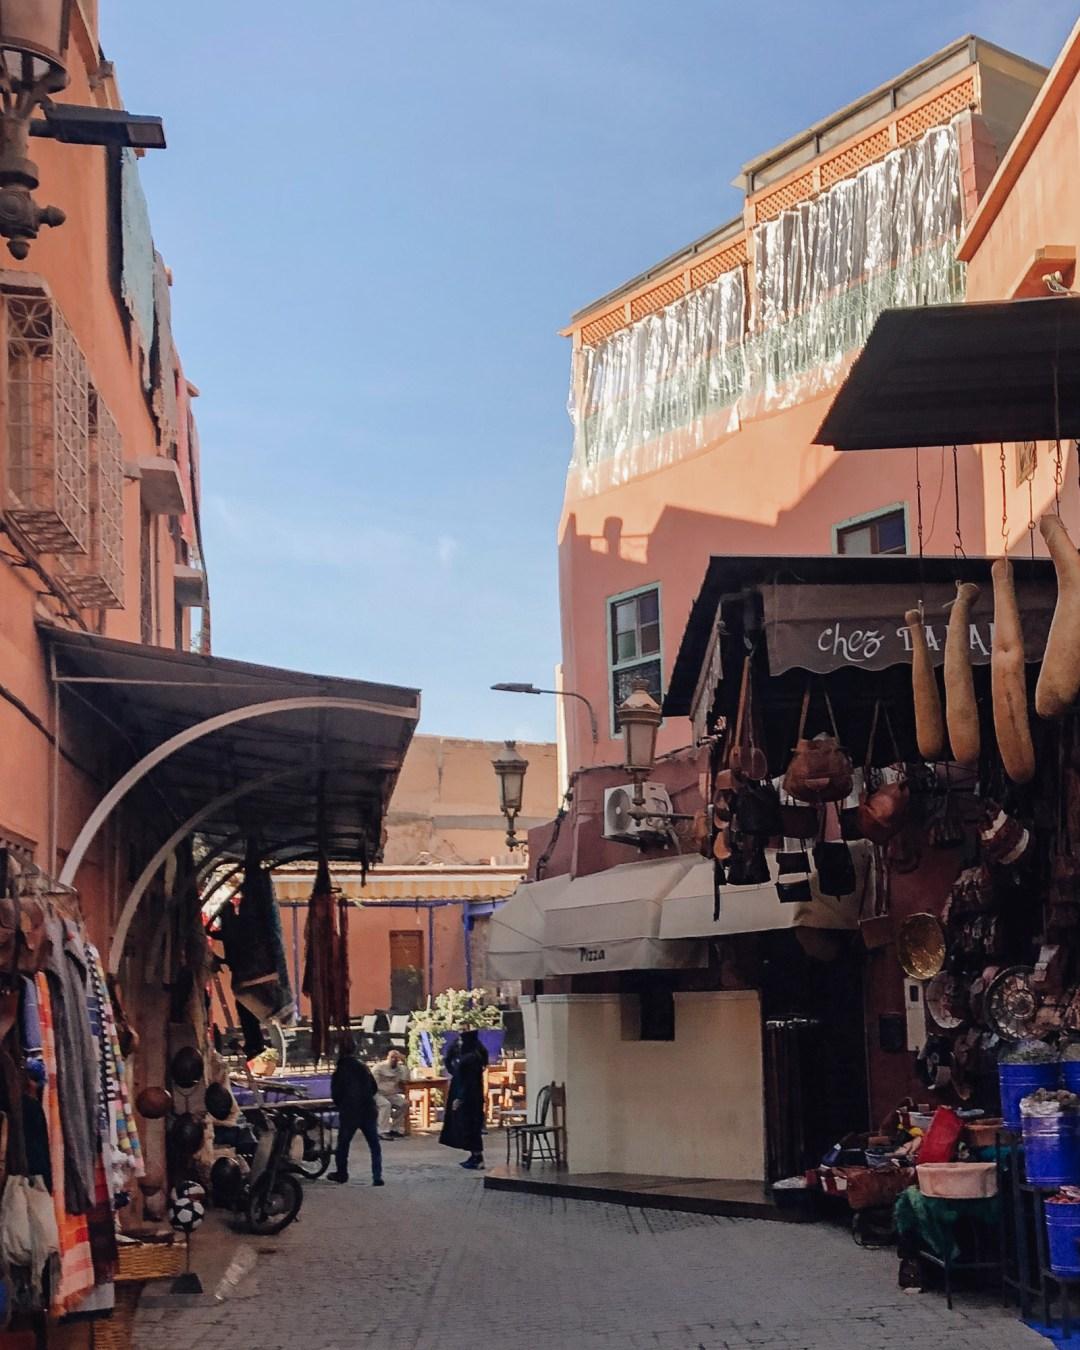 Inastil, Reiseblog, Ue50Blogger, Marrakech, Marokko, Travelblog, Reisebericht, Visualdiary,_ Kopie